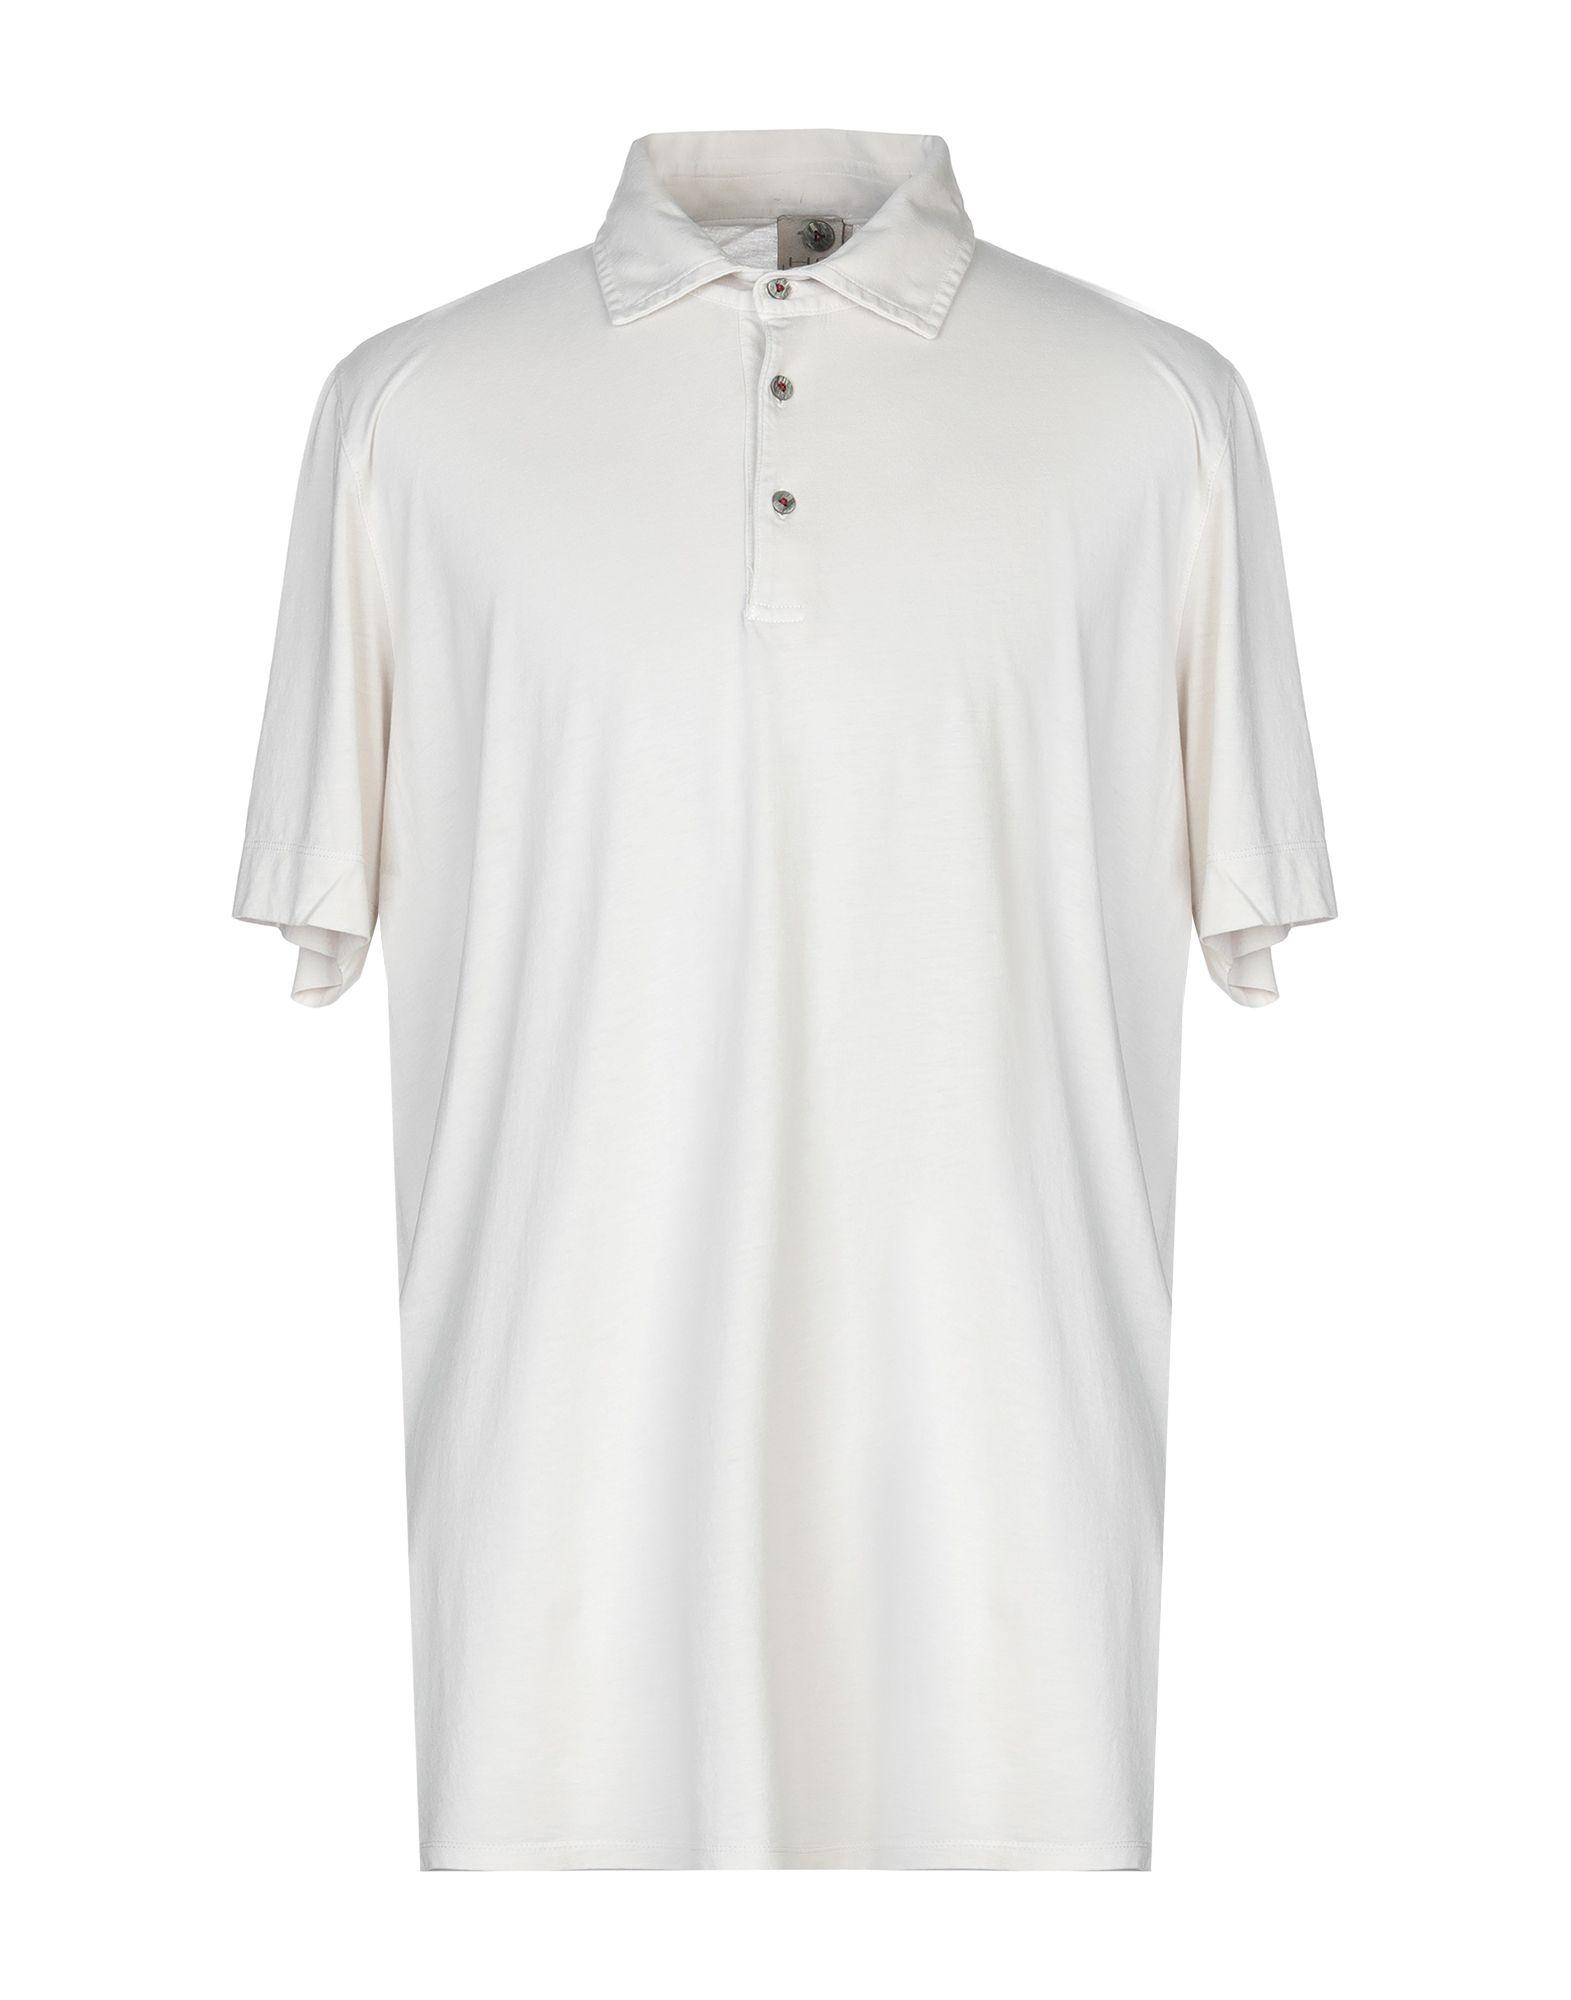 《送料無料》H953 メンズ ポロシャツ ベージュ 58 コットン 100%